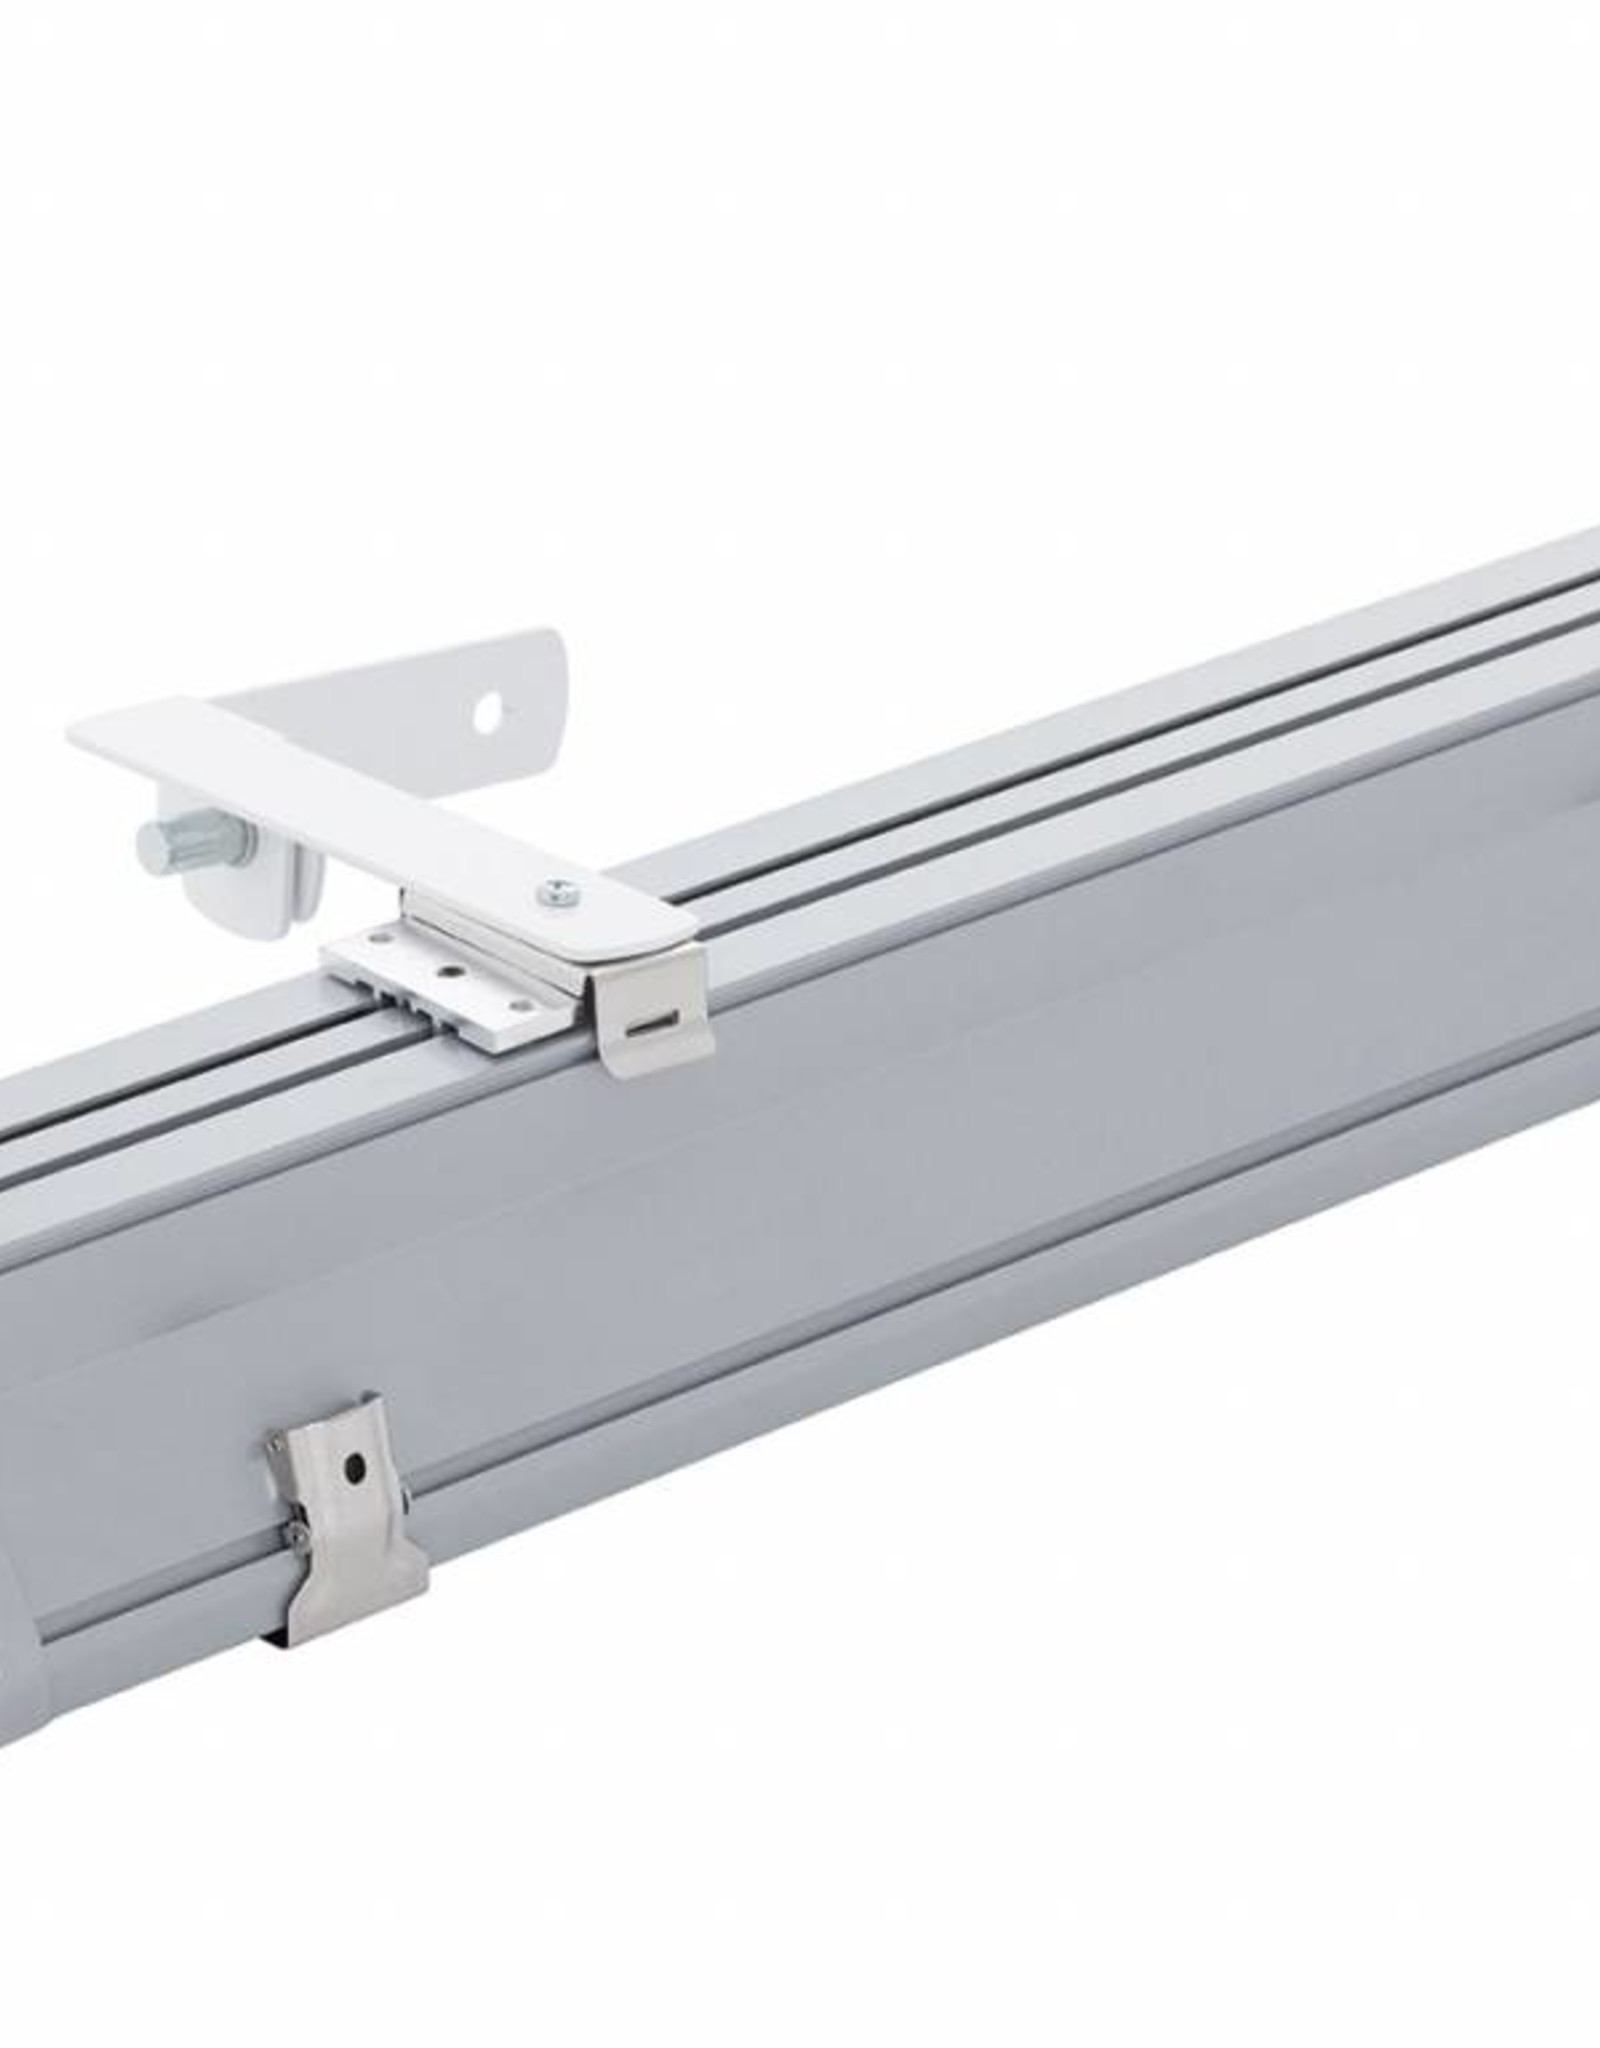 ALUMAX LED 1.5 Ft 3250/840